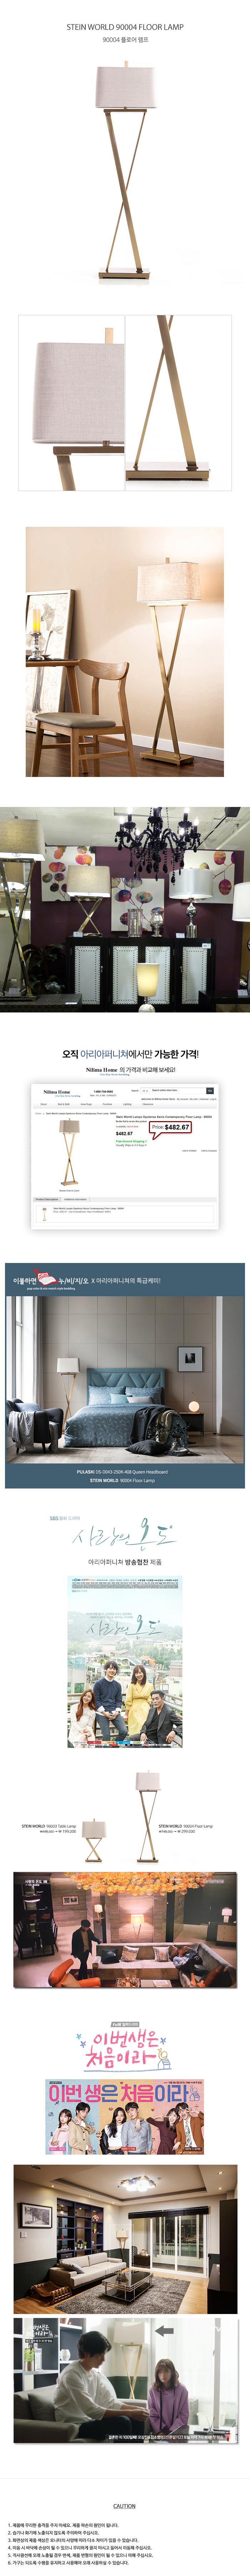 6_1_90004_Lamp.jpg